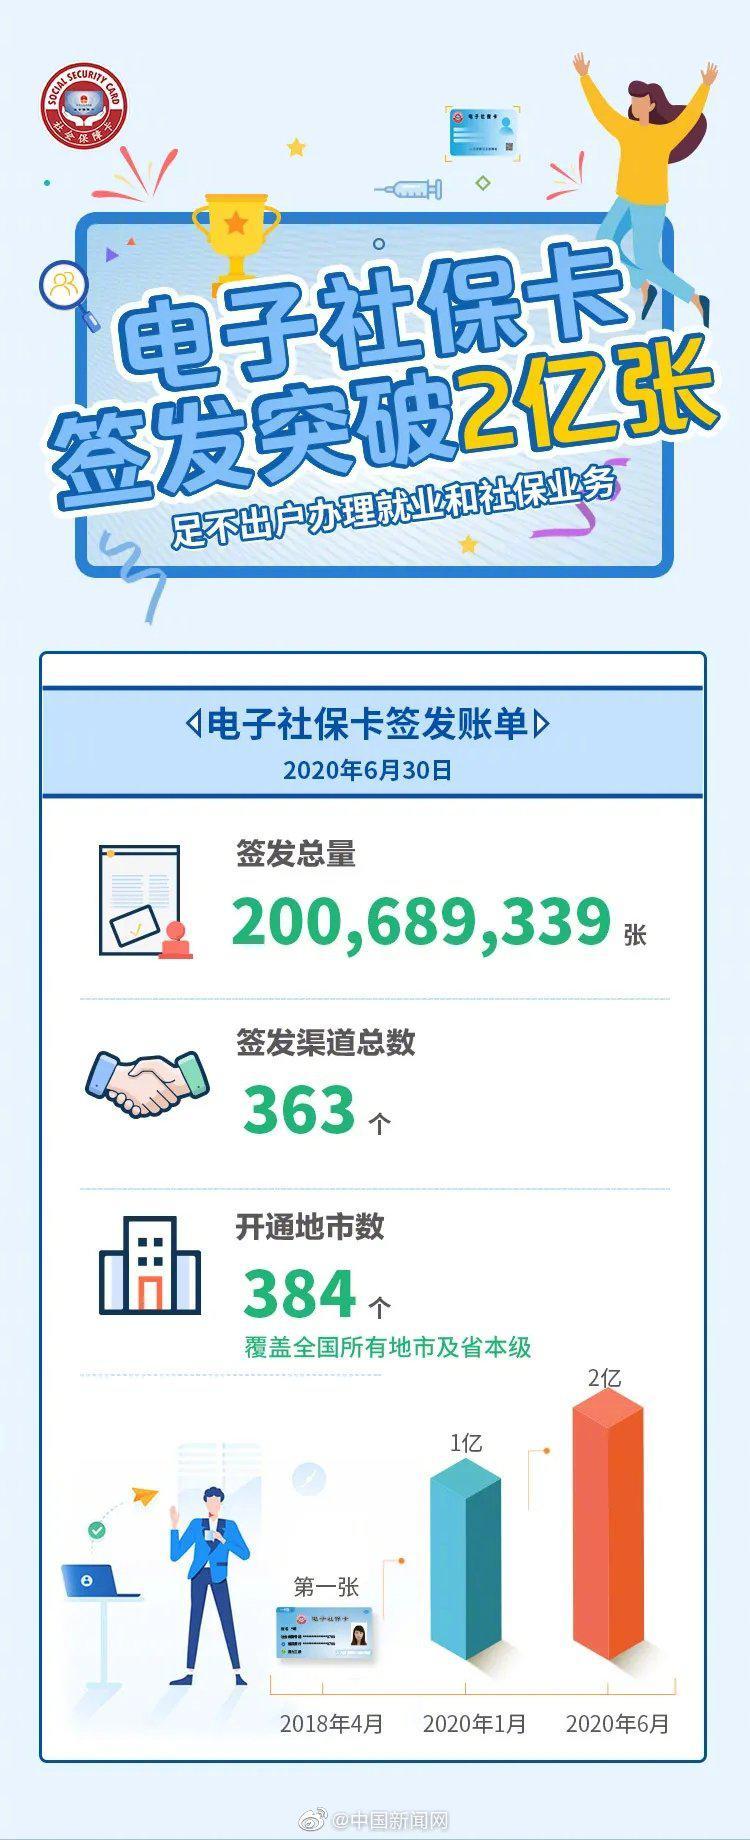 摩天开户:社保卡签发突破2亿张你领摩天开户图片